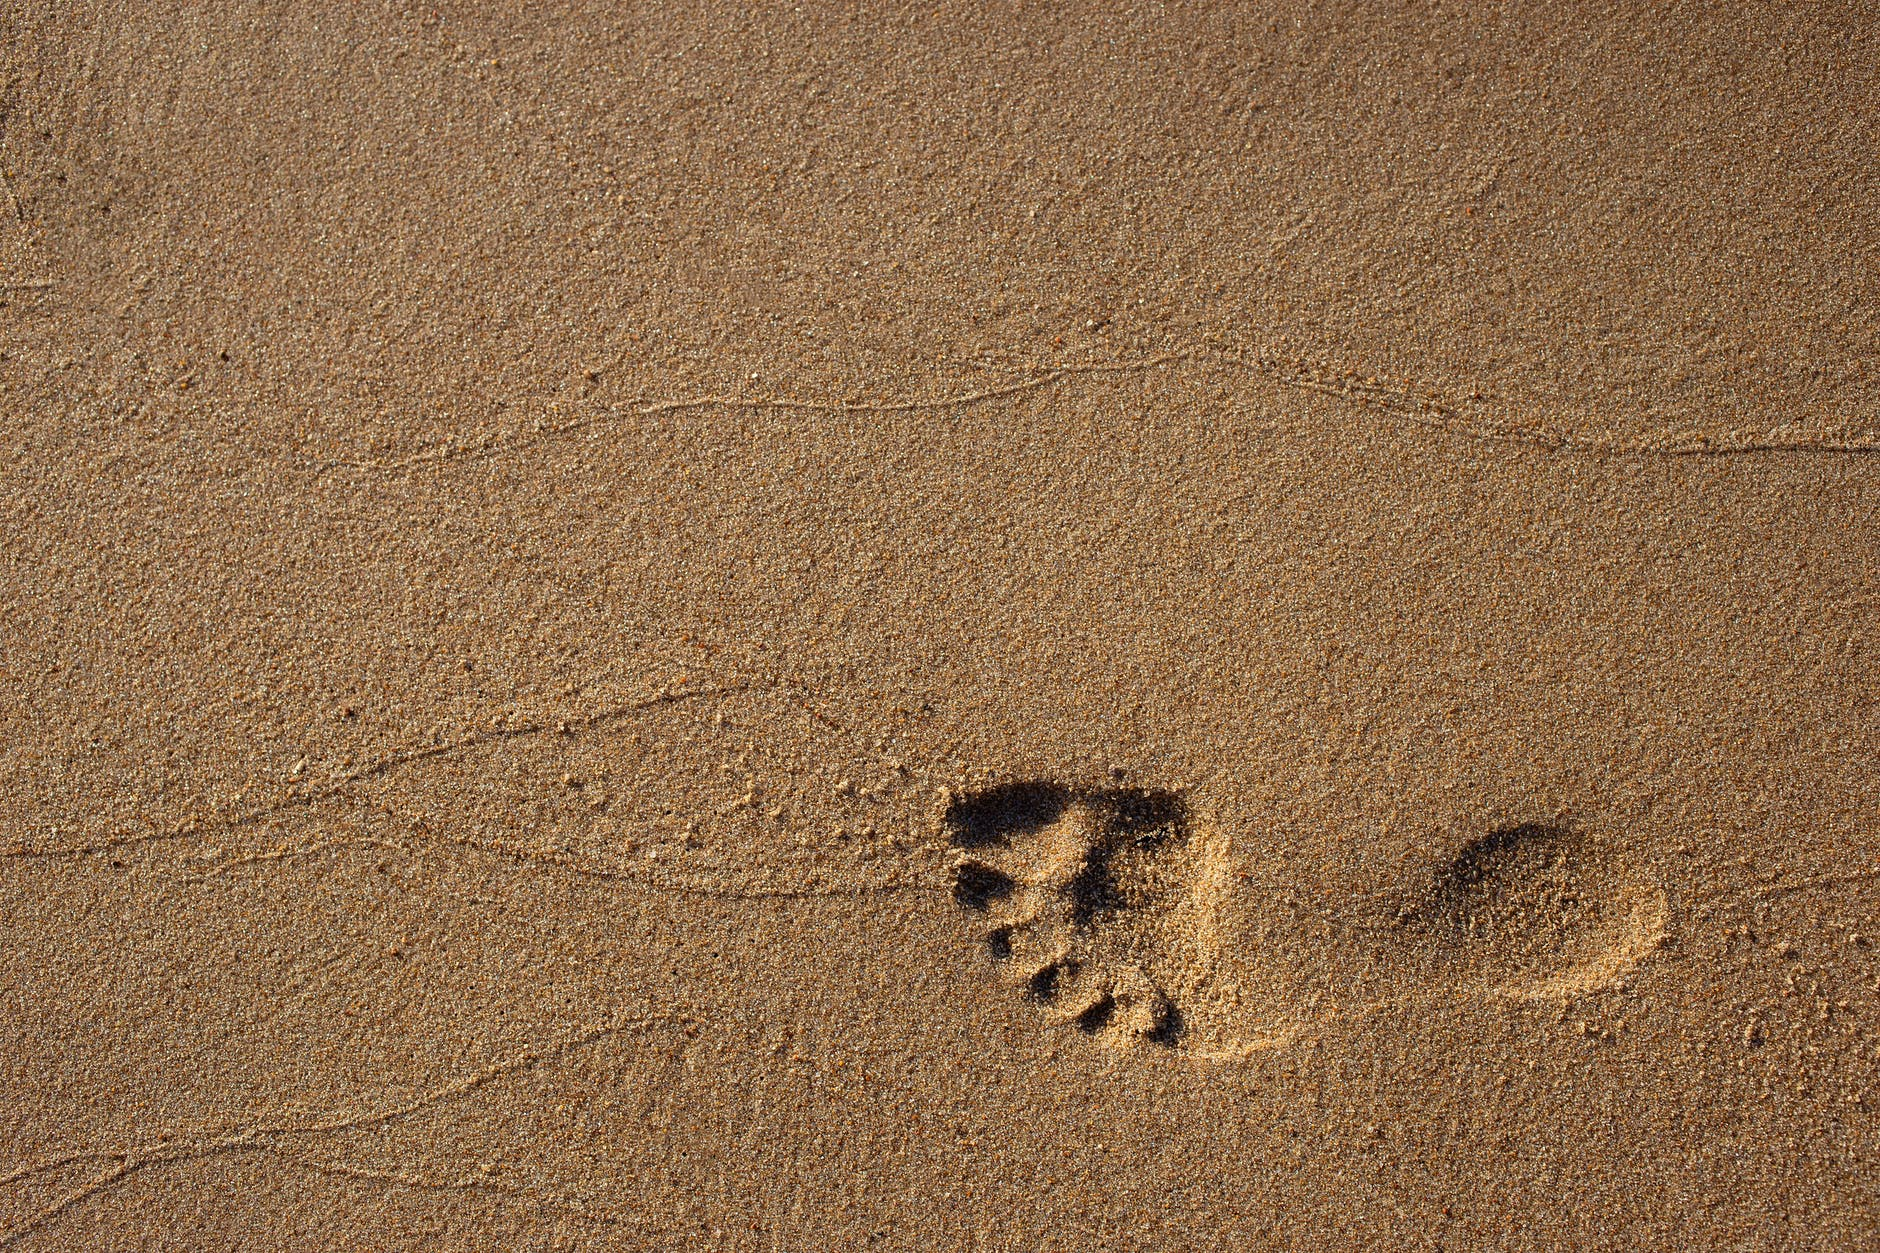 footprint on sand